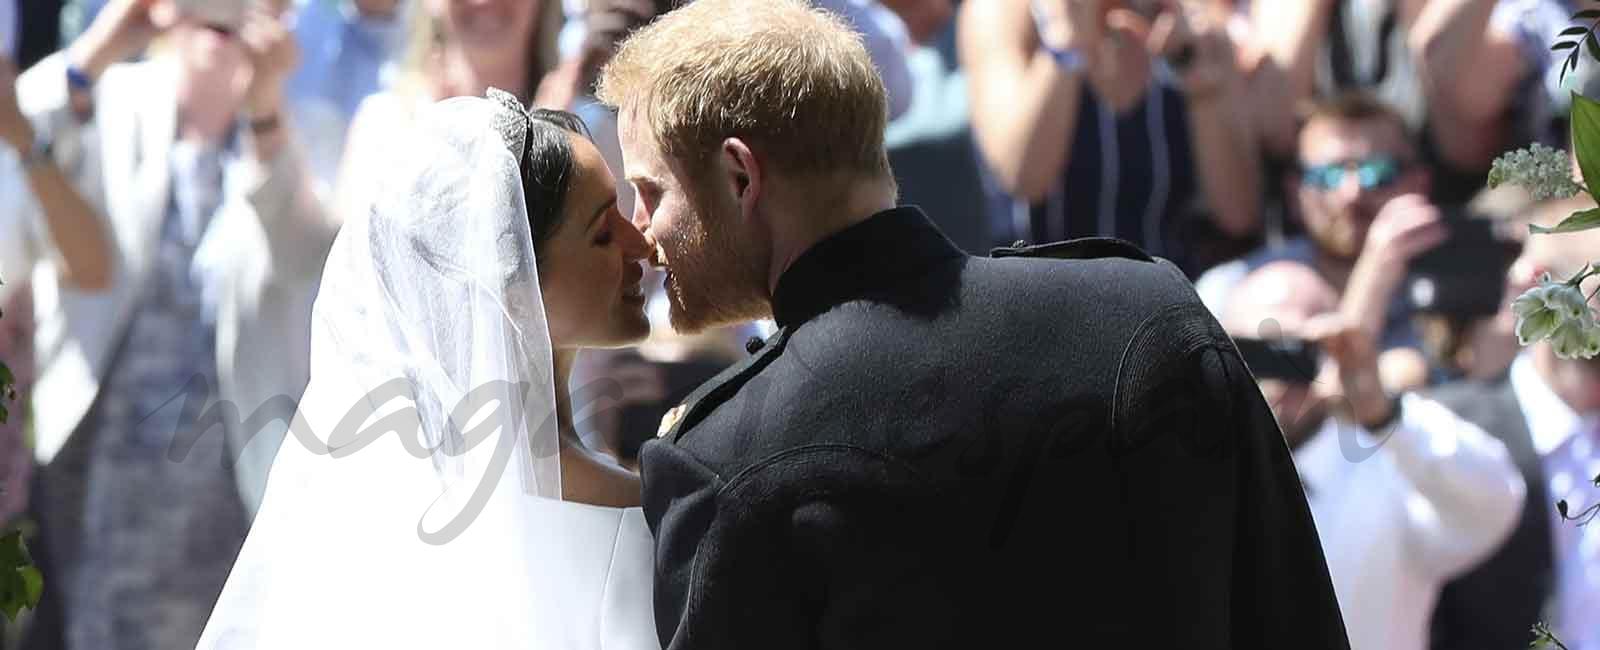 Todos los detalles del magnífico vestido de novia de Meghan Markle